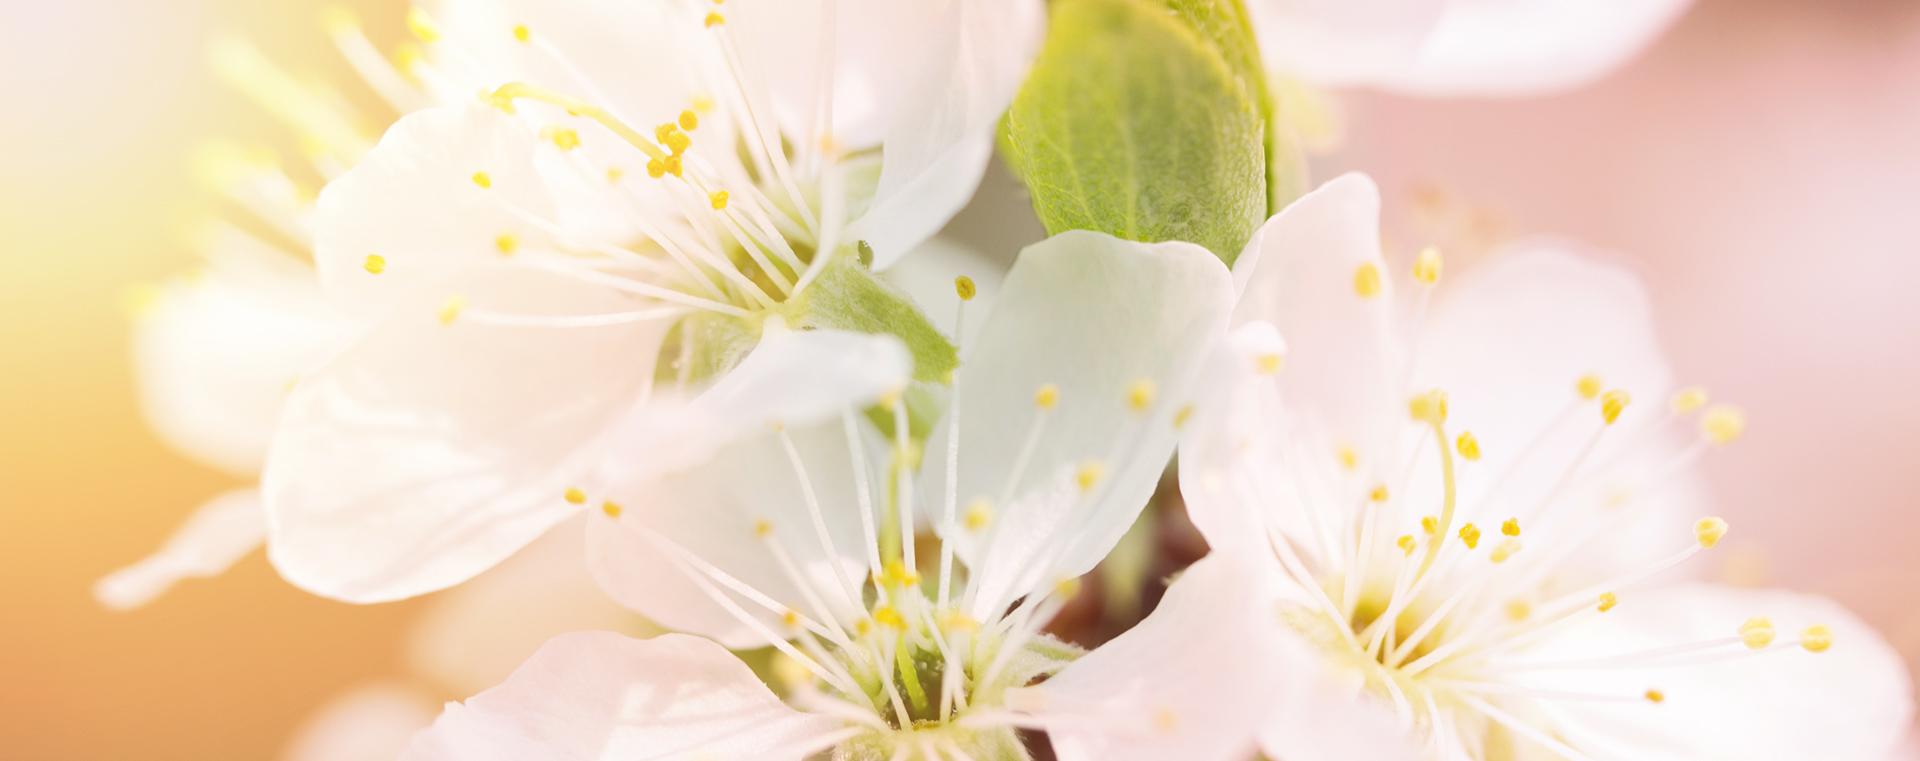 Crab Apple Holzapfel Verzagtheit und Verzweiflung Lemon Pharma Original Bachblüten